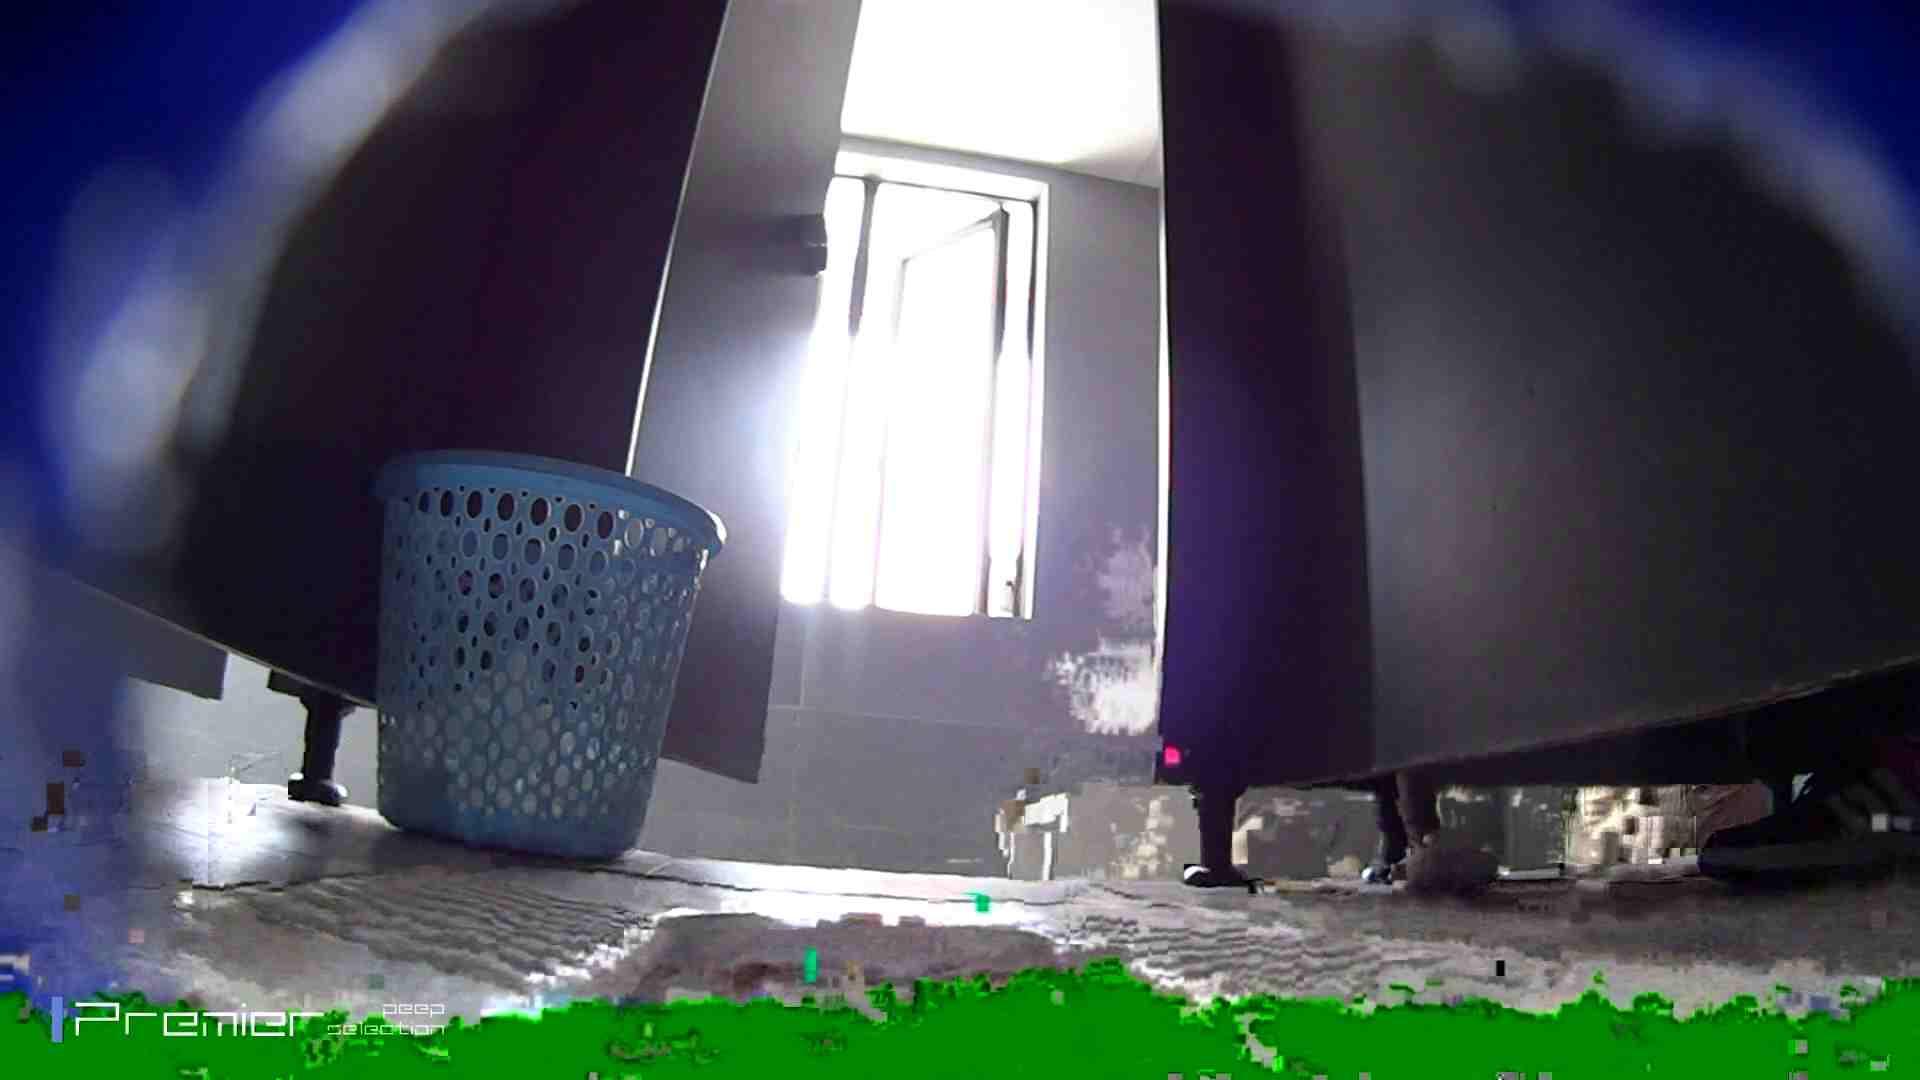 清楚なJDトイレ盗撮 大学休憩時間の洗面所事情41 エッチすぎる美女 すけべAV動画紹介 85連発 52